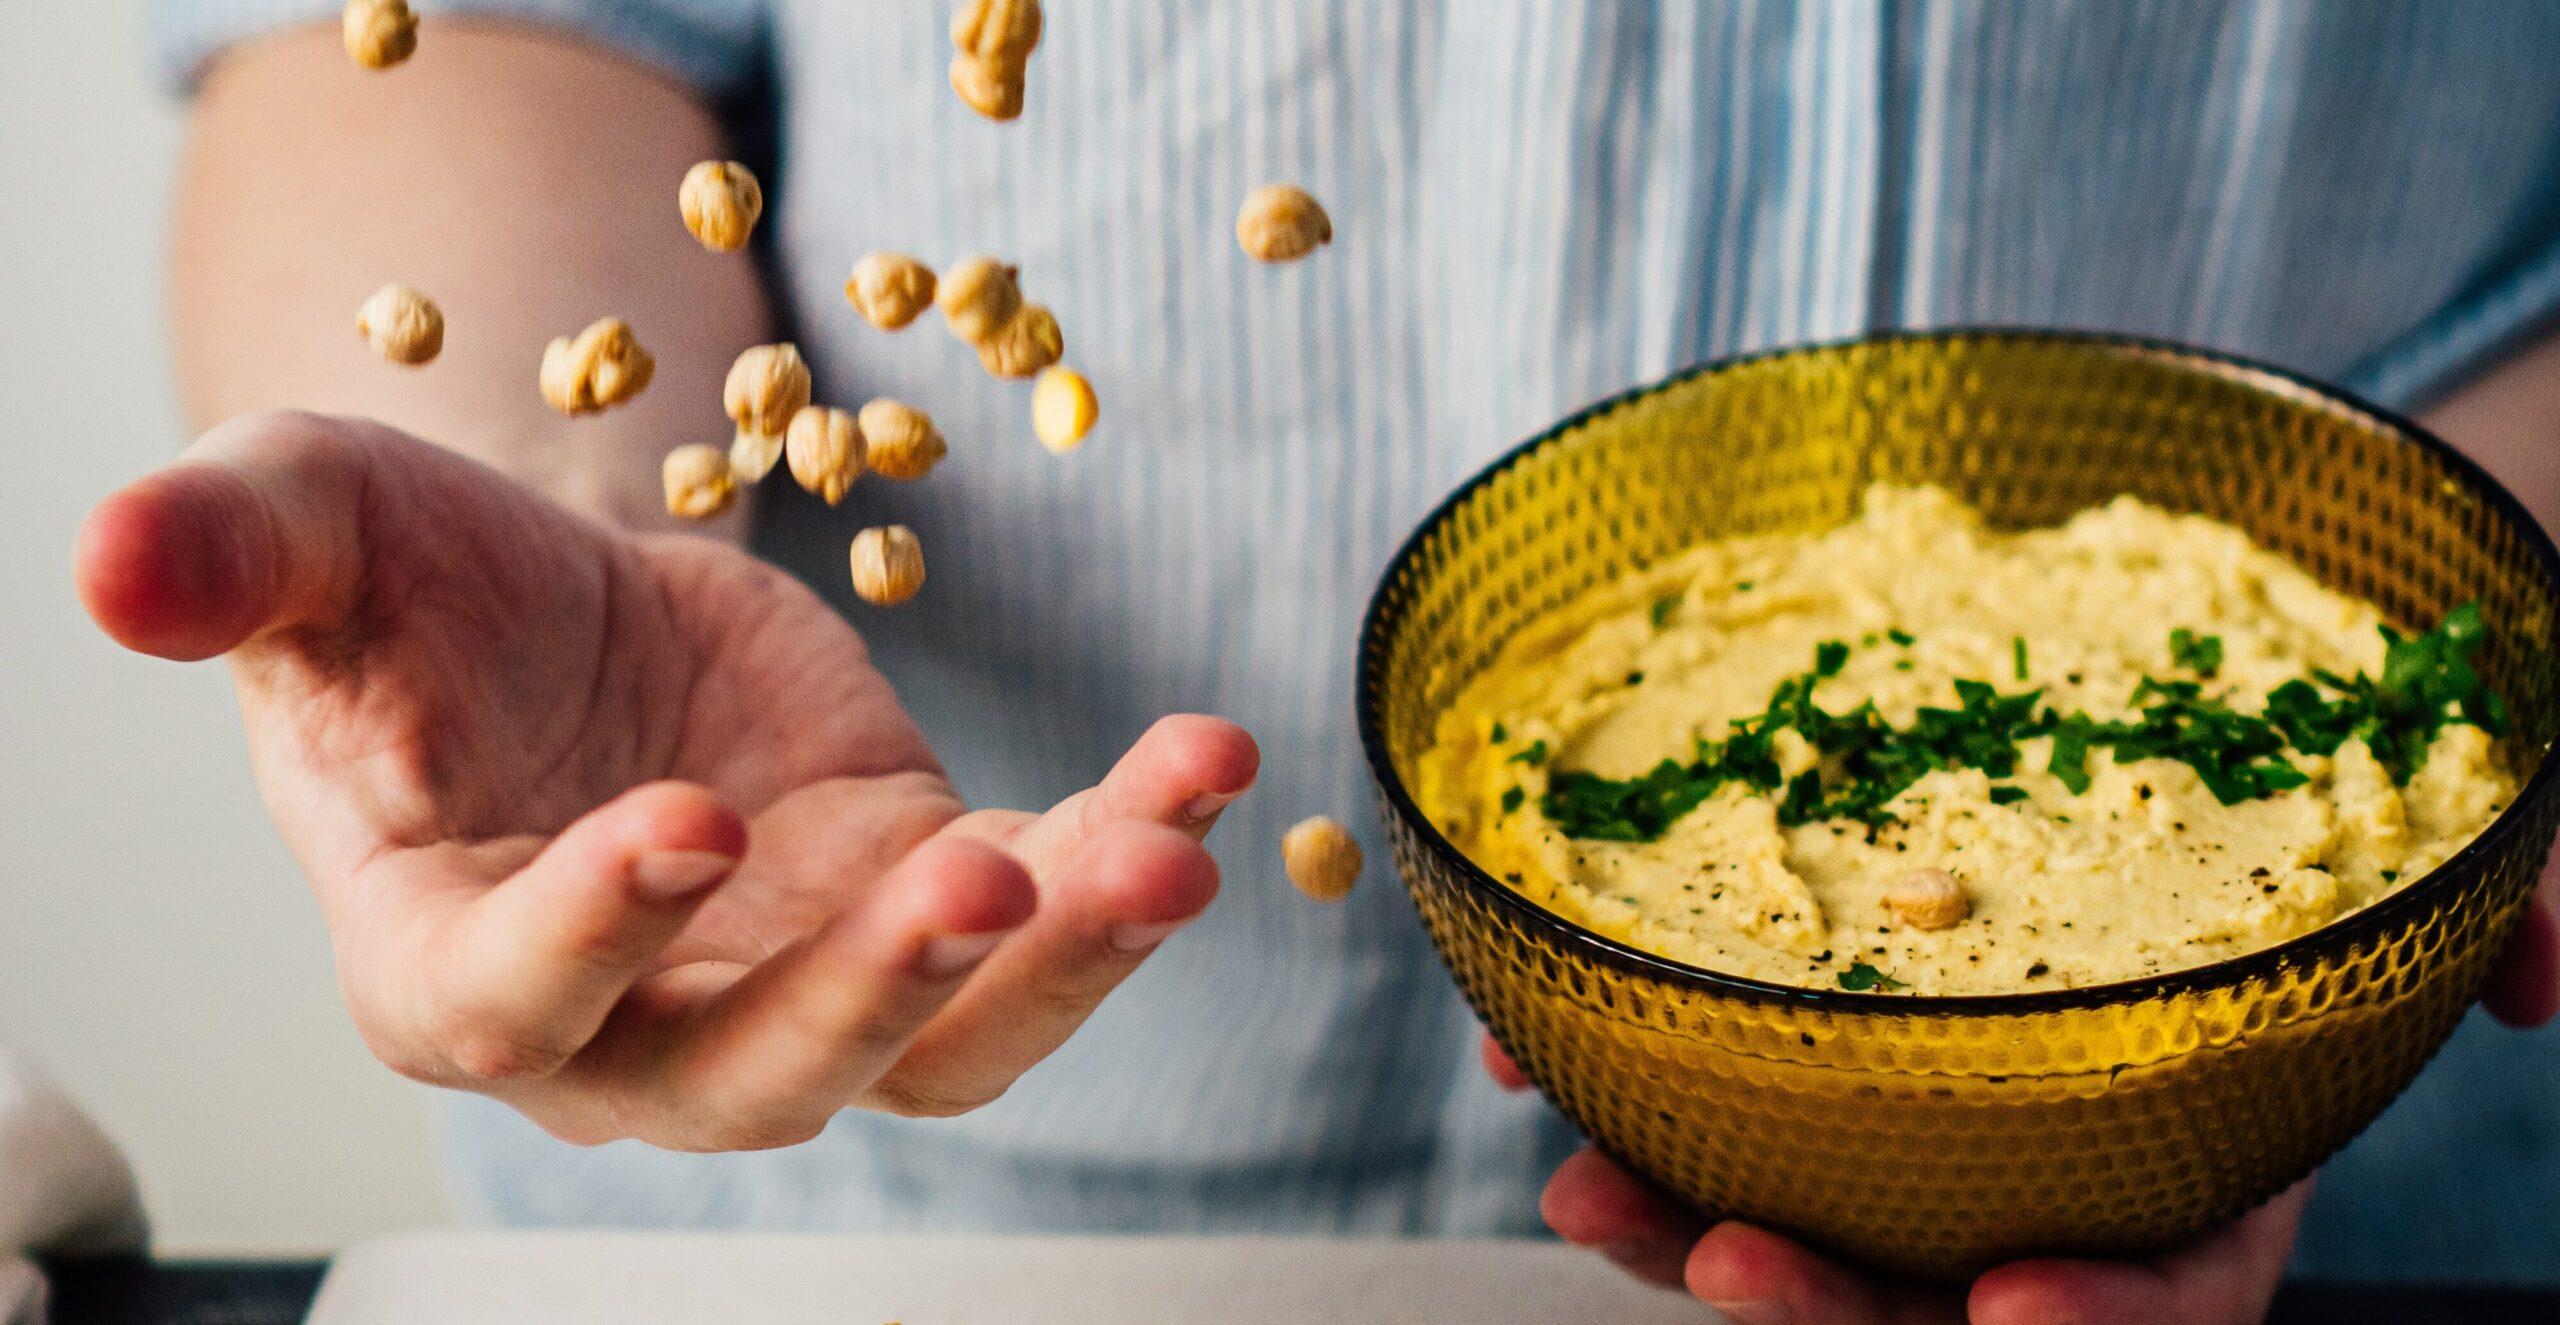 ¿Cómo hacer hummus?